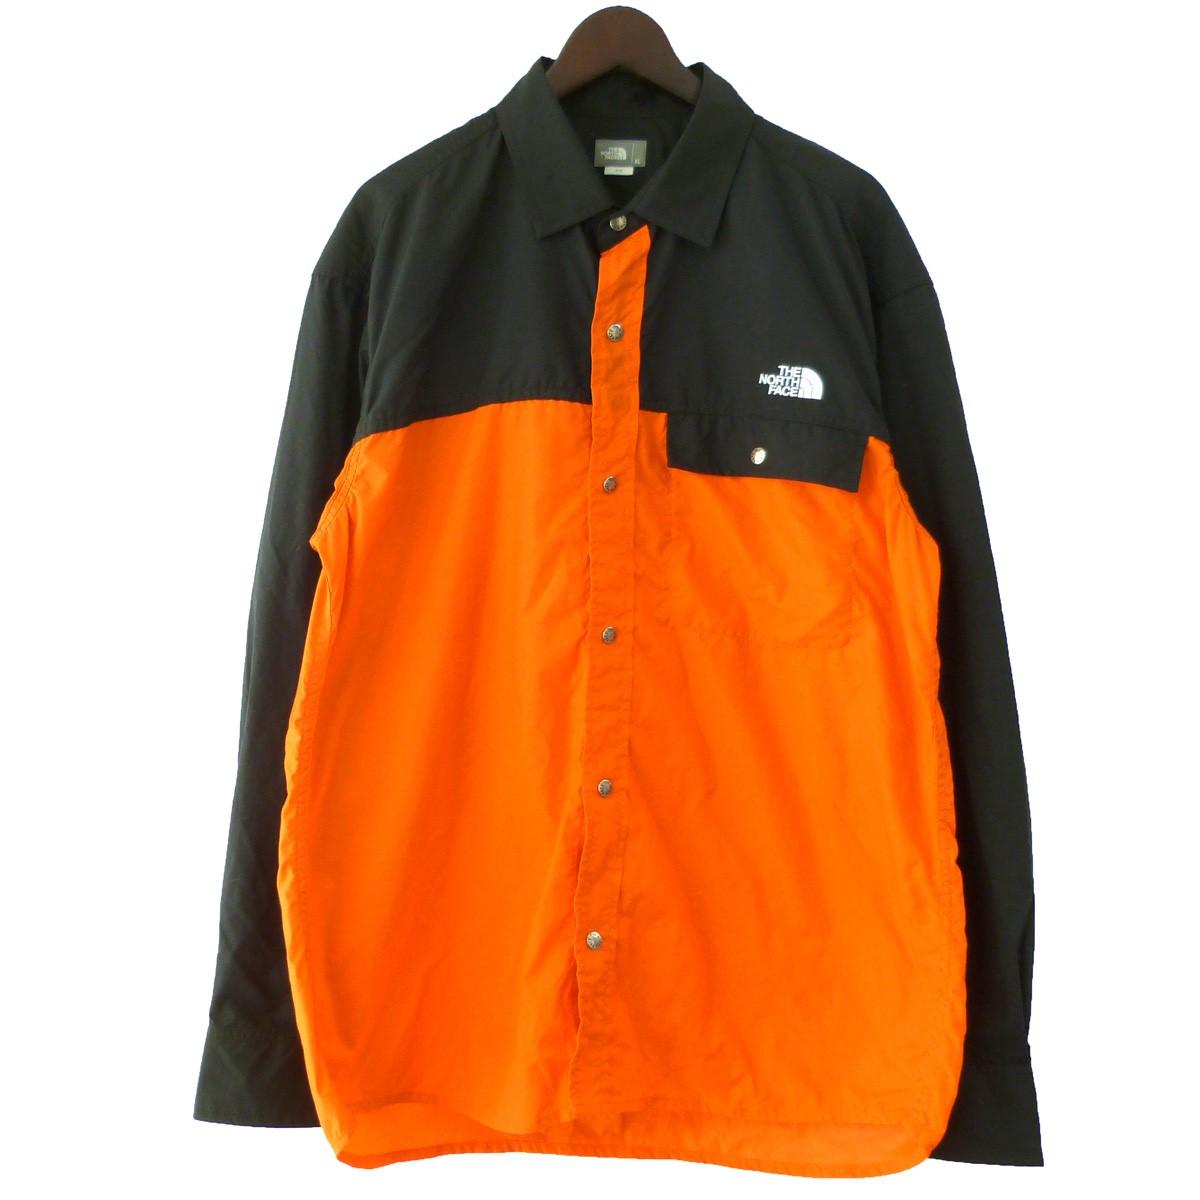 【中古】THE NORTH FACE 「L/S Nuptse Shirt」ロングスリーブヌプシシャツ パワーオレンジ サイズ:XL 【040819】(ザノースフェイス)